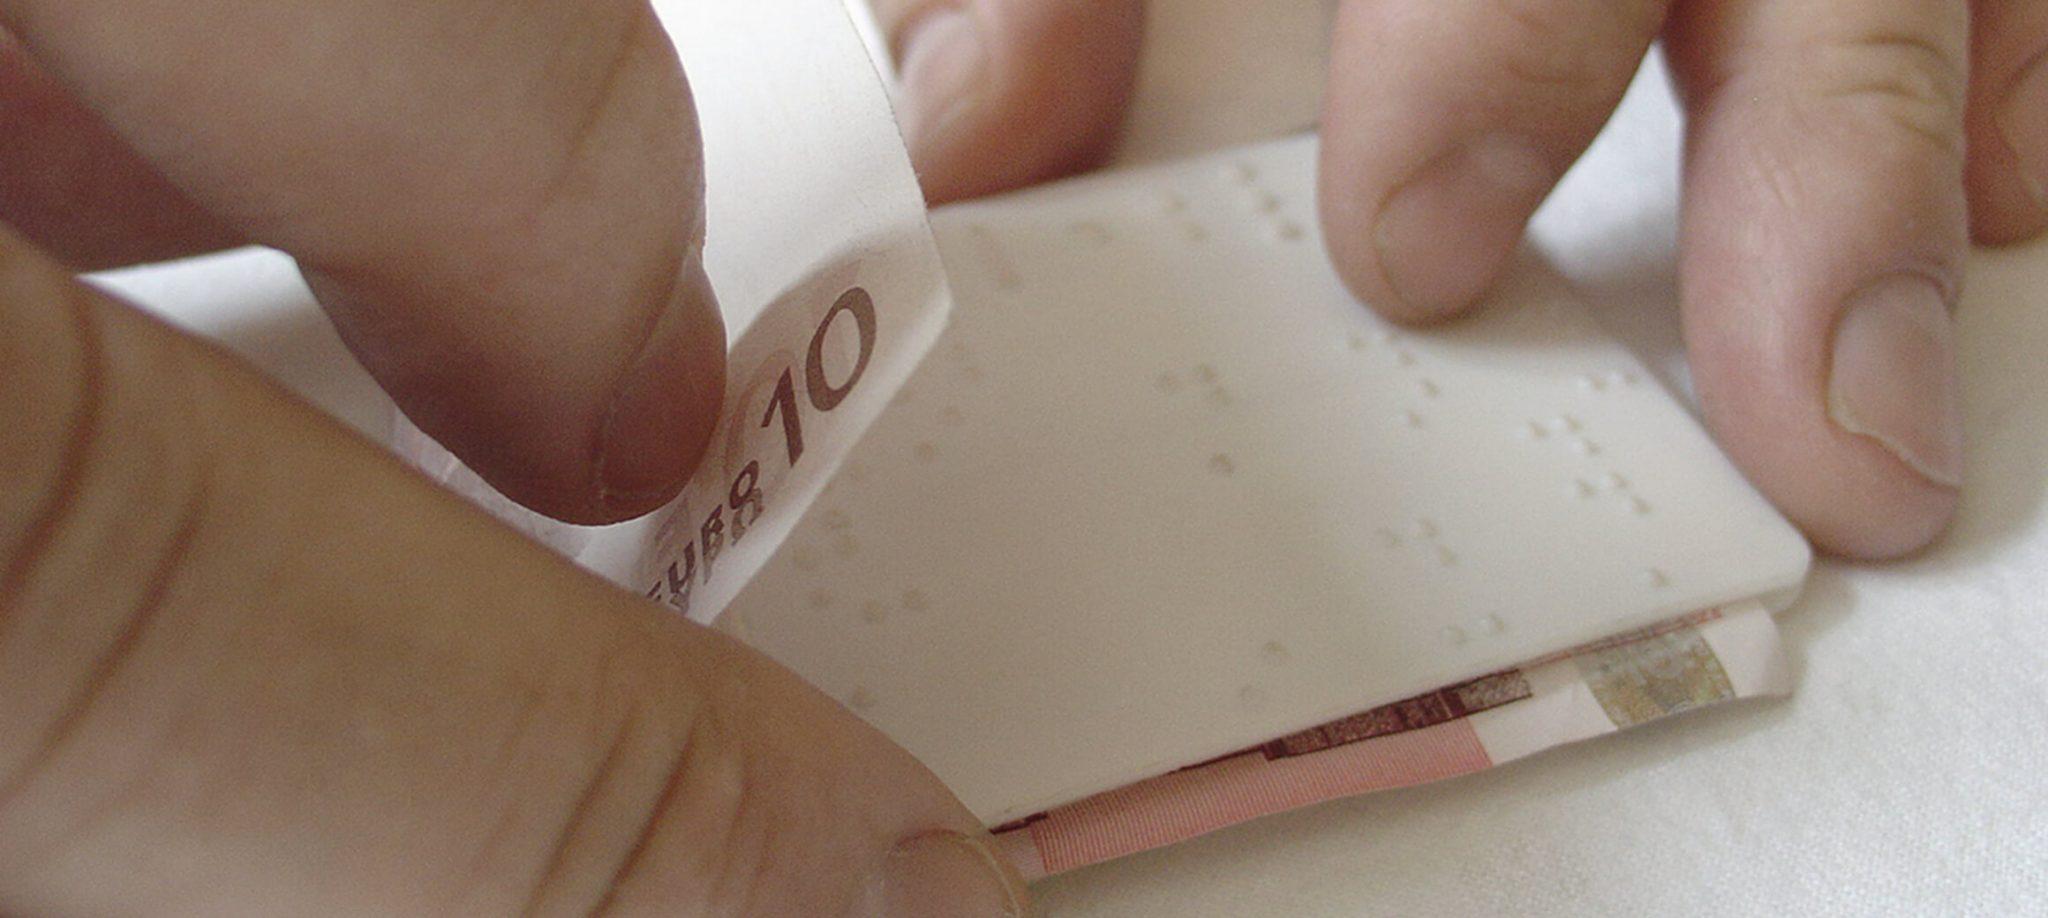 Eine Hand die gerade mittels Cash Test einen 10€ Schein erfasst